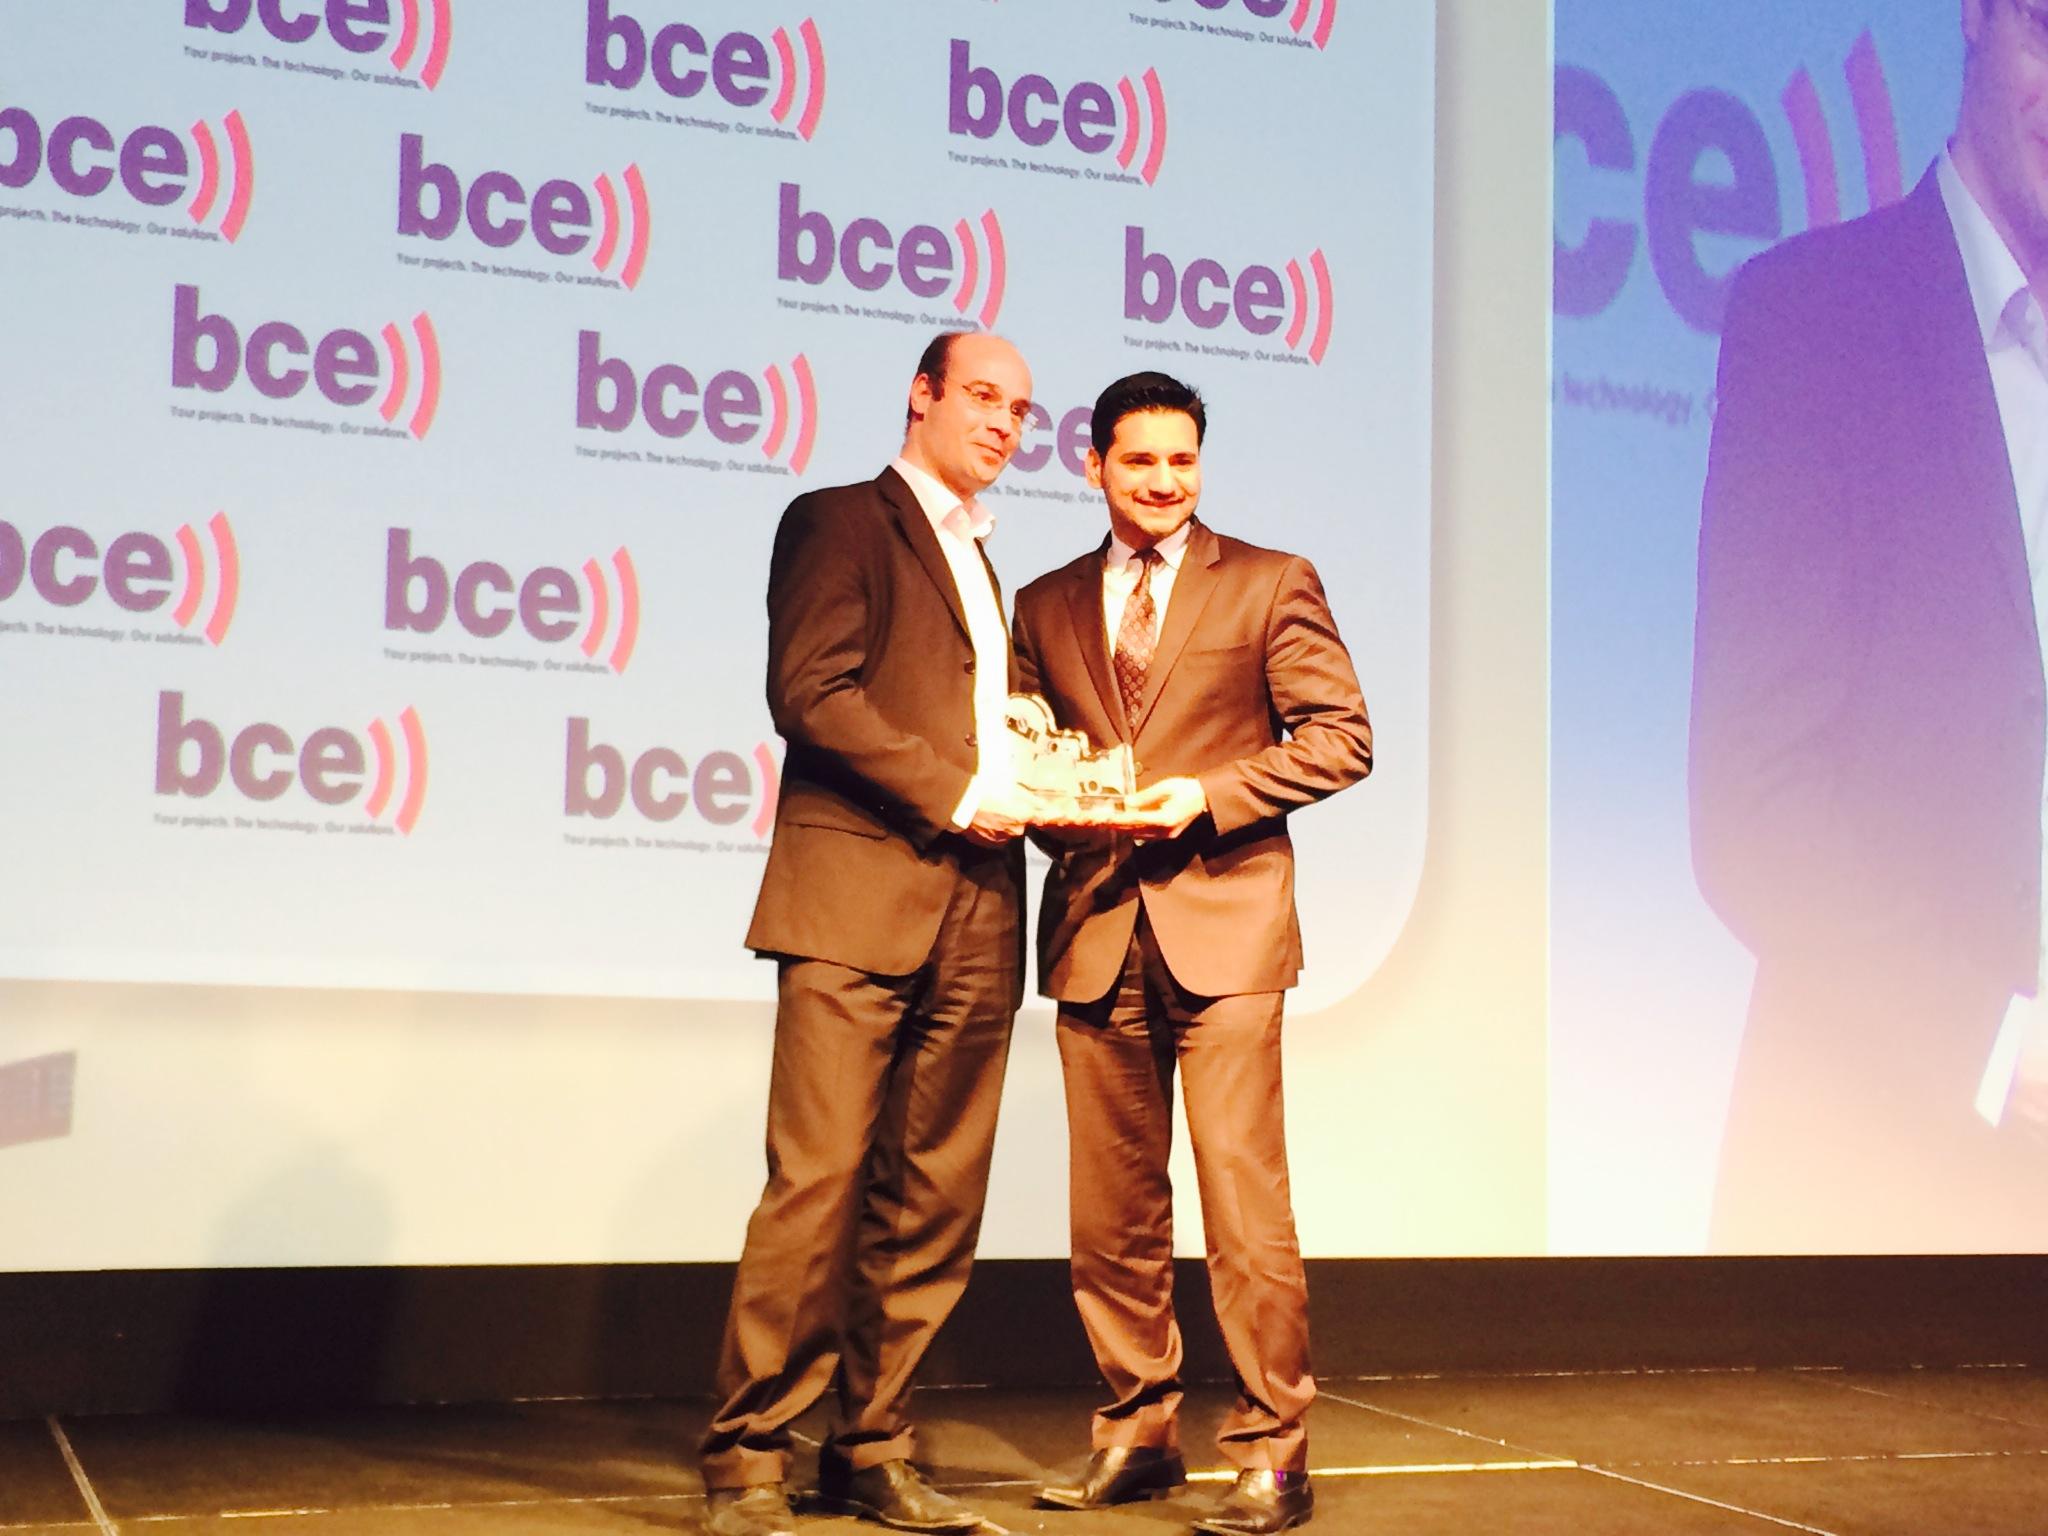 دو تحصل على جائزة أفضل موفر لخدمات الأقمار الصناعية في 2014